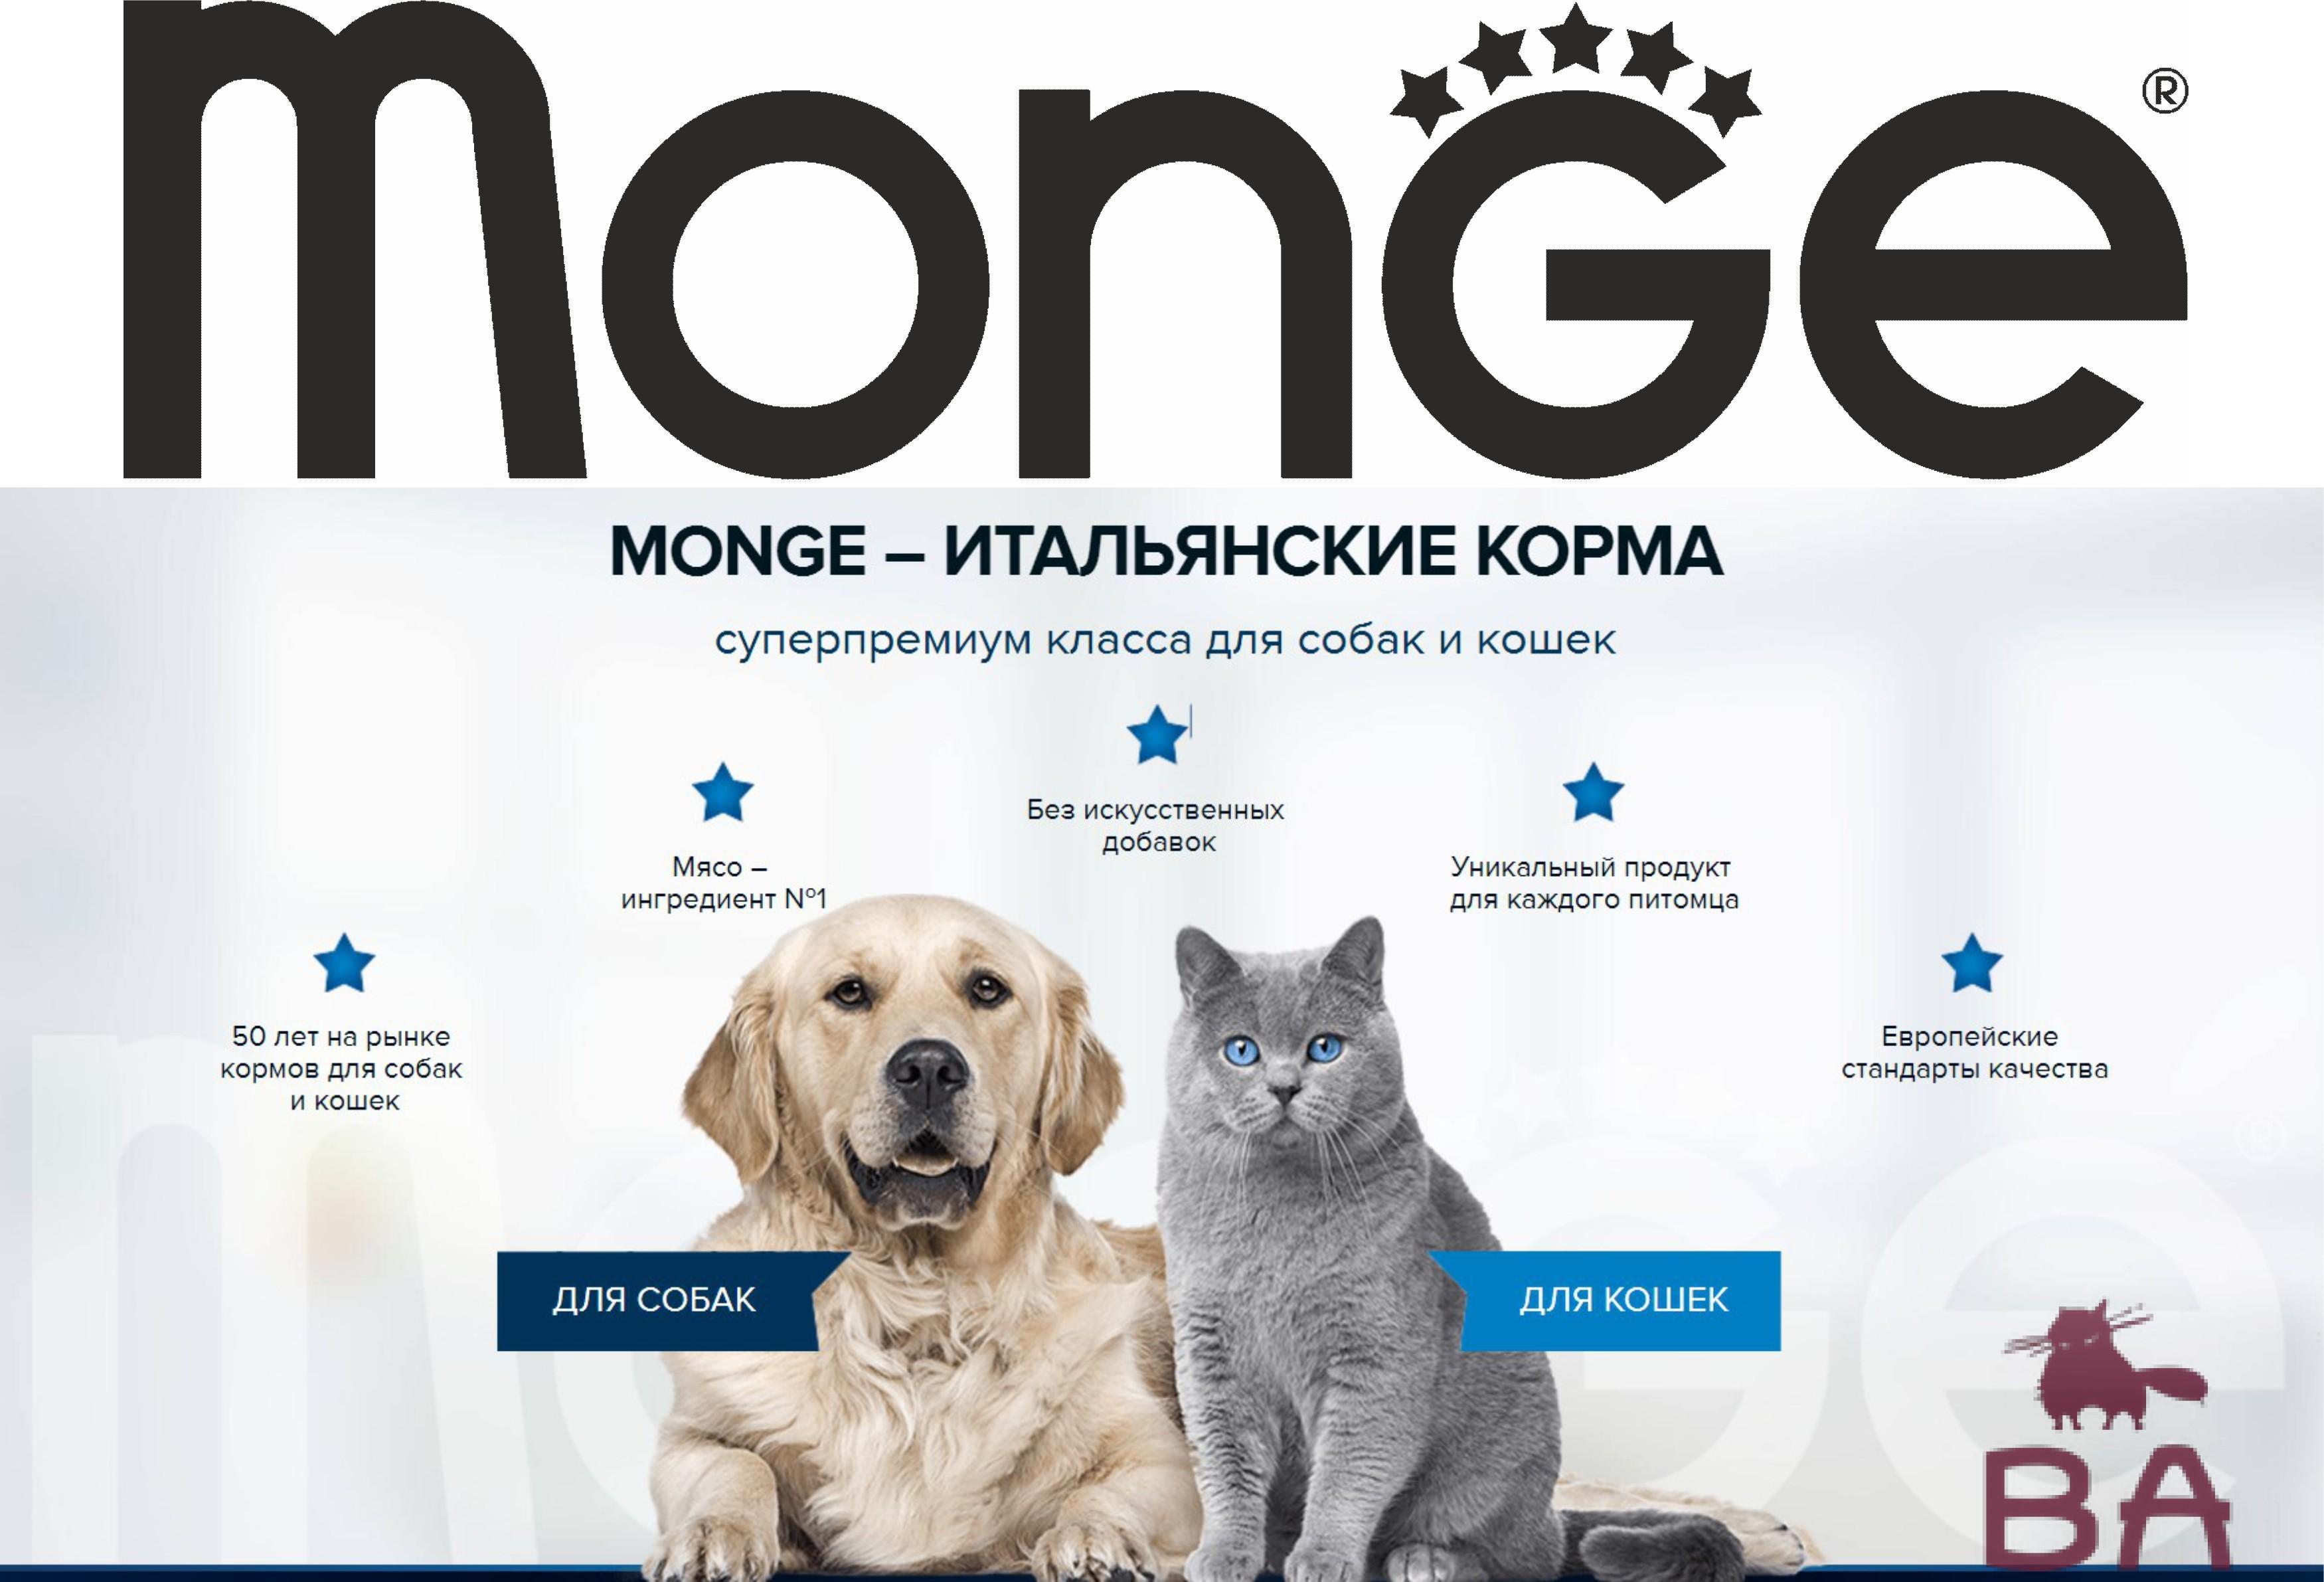 Обзор корма MONGE для кошек: виды, состав, отзывы, стоимость